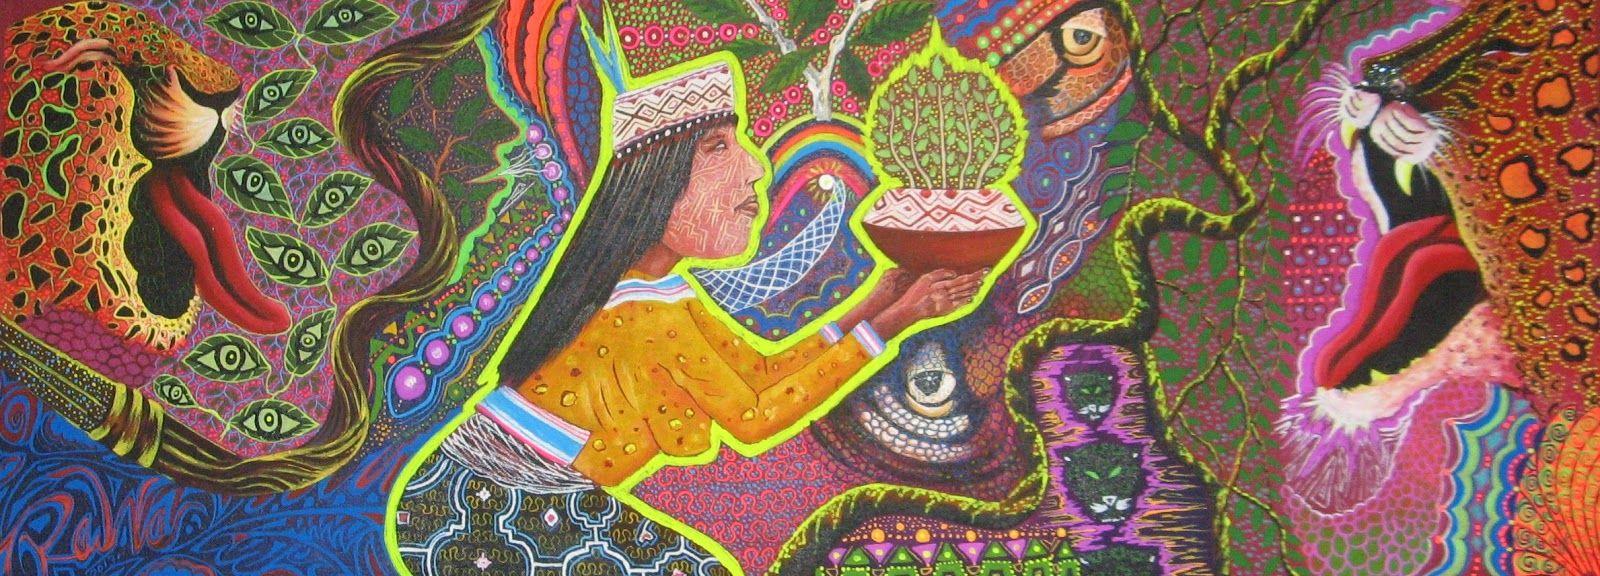 mujer curandera InnovArte San Marcos 2015: Buscando el río